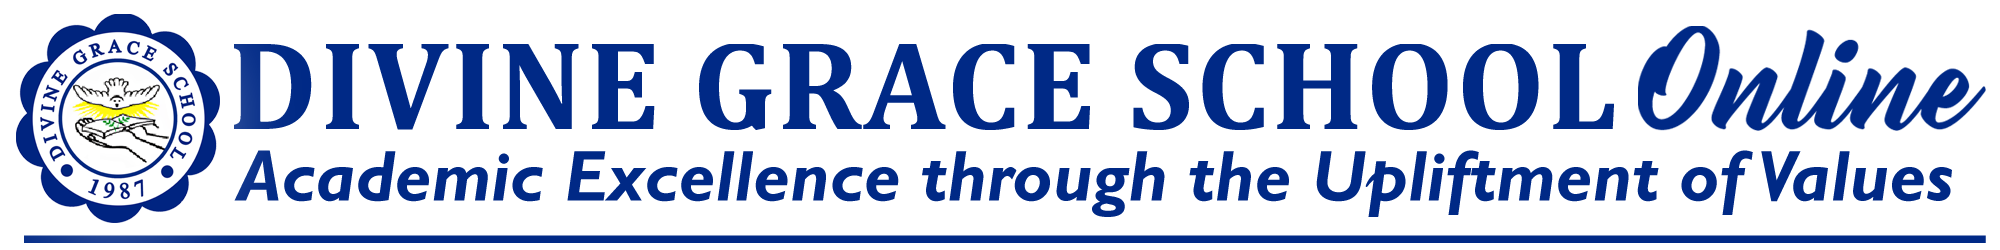 Divine Grace School Online